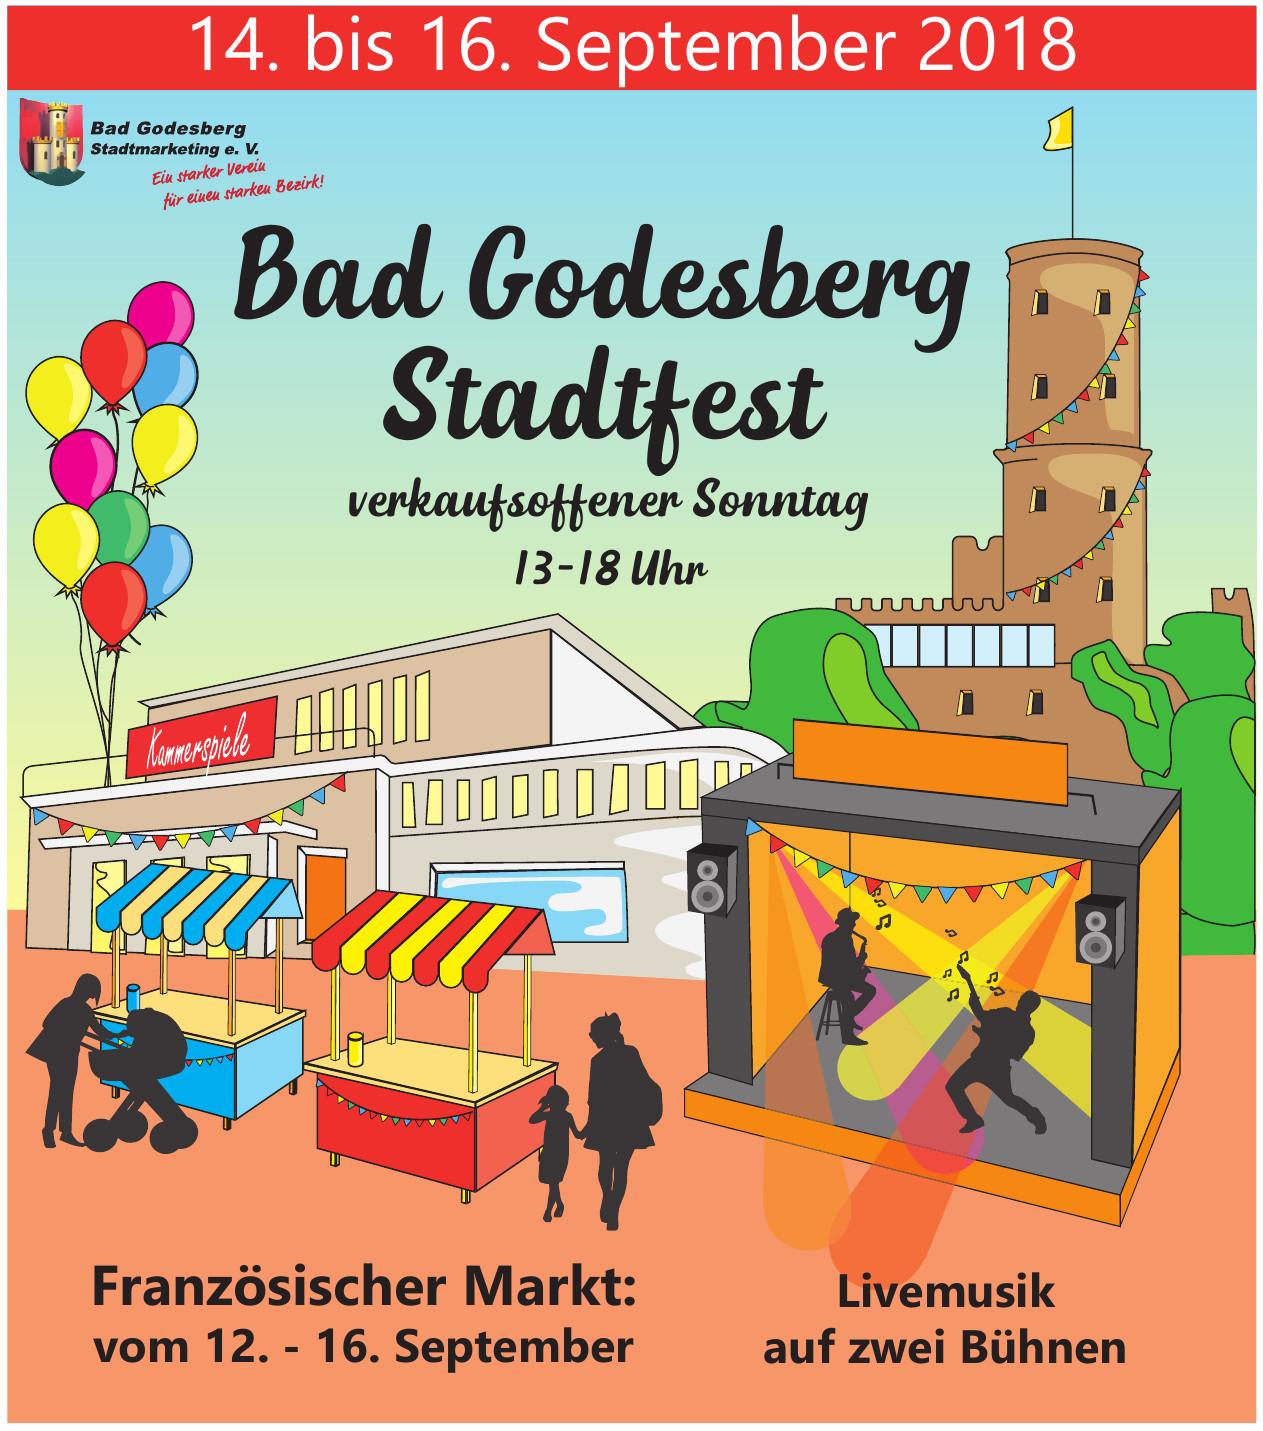 Bad Godesberg Stadtfest